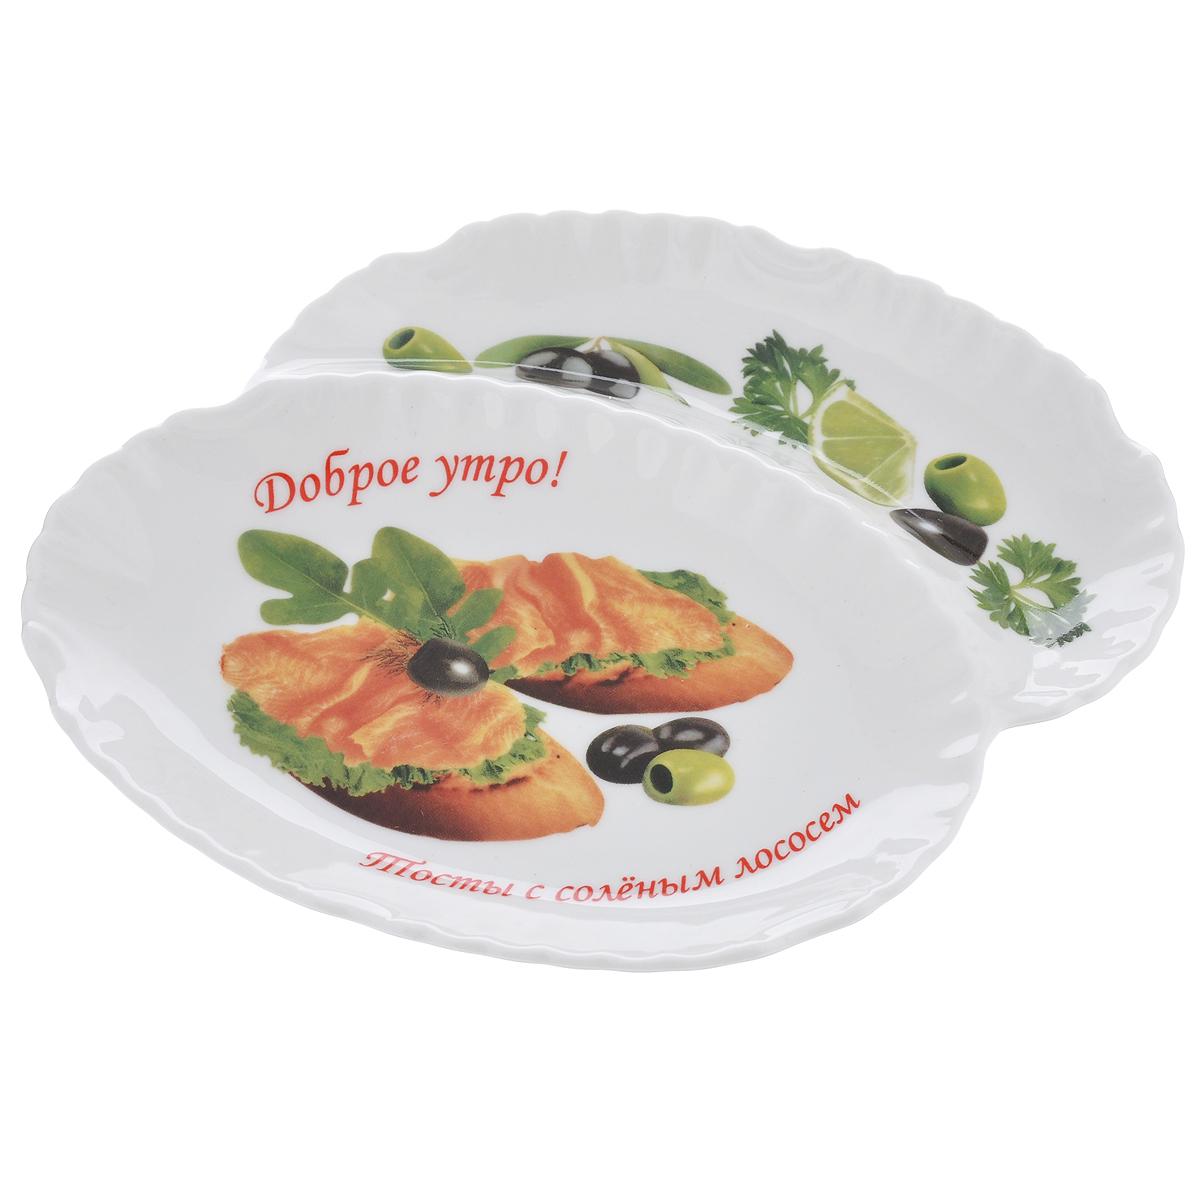 Менажница LarangE Тосты с соленым лососем, 2 секцииVT-1520(SR)Изящная менажница LarangE Тосты с соленым лососем, выполненная из высококачественного прочного фарфора, состоит из двух секций. Некоторые блюда можно подавать только в менажнице, чтобы не произошло смешение вкусовых оттенков гарниров. Также менажница может быть использована в качестве посуды для нескольких видов салатов или закусок. Менажница LarangE Тосты с соленым лососем станет замечательной деталью сервировки и великолепным украшением праздничного стола.Можно использовать в СВЧ печах, духовом шкафу и холодильнике. Не применять абразивные чистящие вещества.Количество секций: 2.Размер секций менажницы: 16 см х 10,5 см; 16 см х 4,5 см.Высота стенки менажницы: 2,5 см.